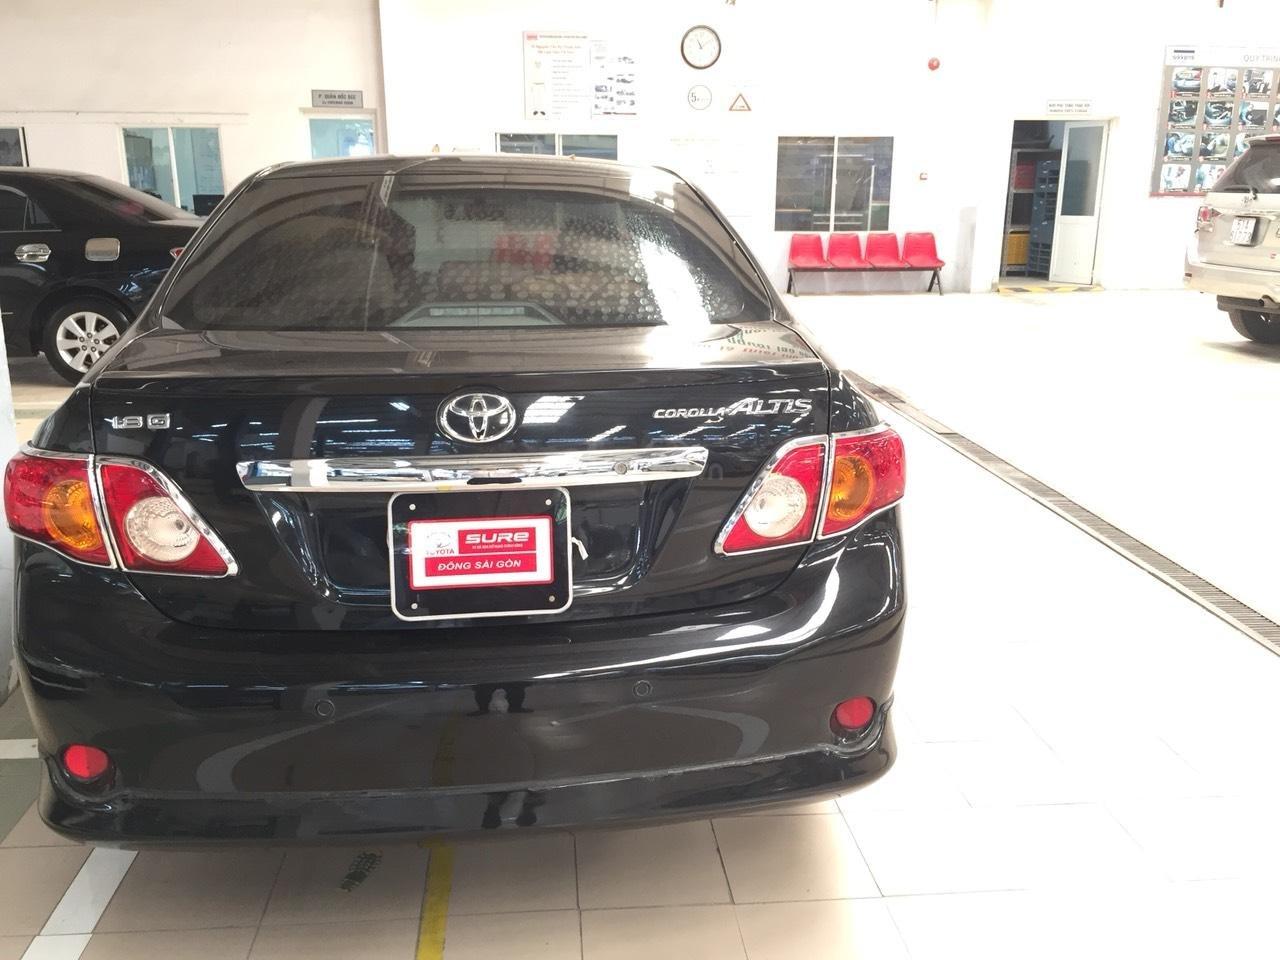 Altis 2009 màu đen, giá cả bình dân, giá còn thương lượng, alo em để xem xe nha (5)